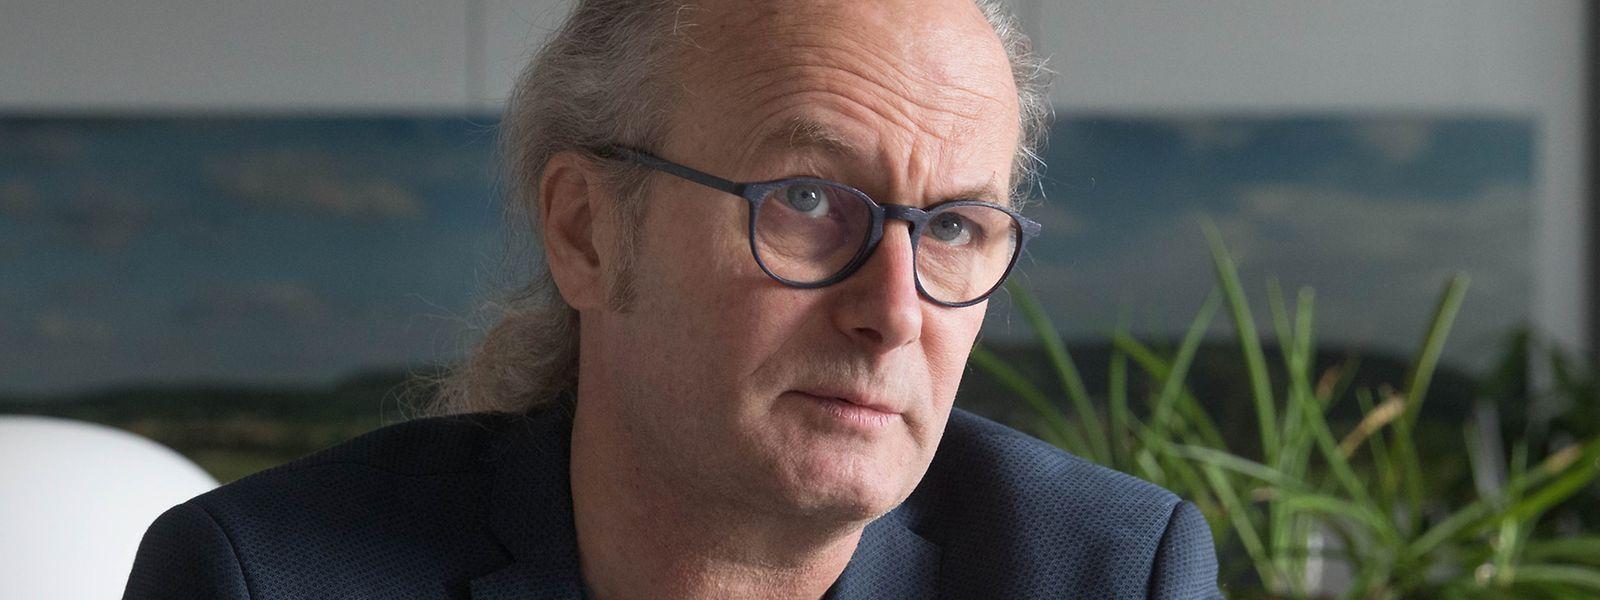 L'aménagement futur des friches du sud du pays aboutira à la mise en place d'écoquartiers, selon Claude Turmes.